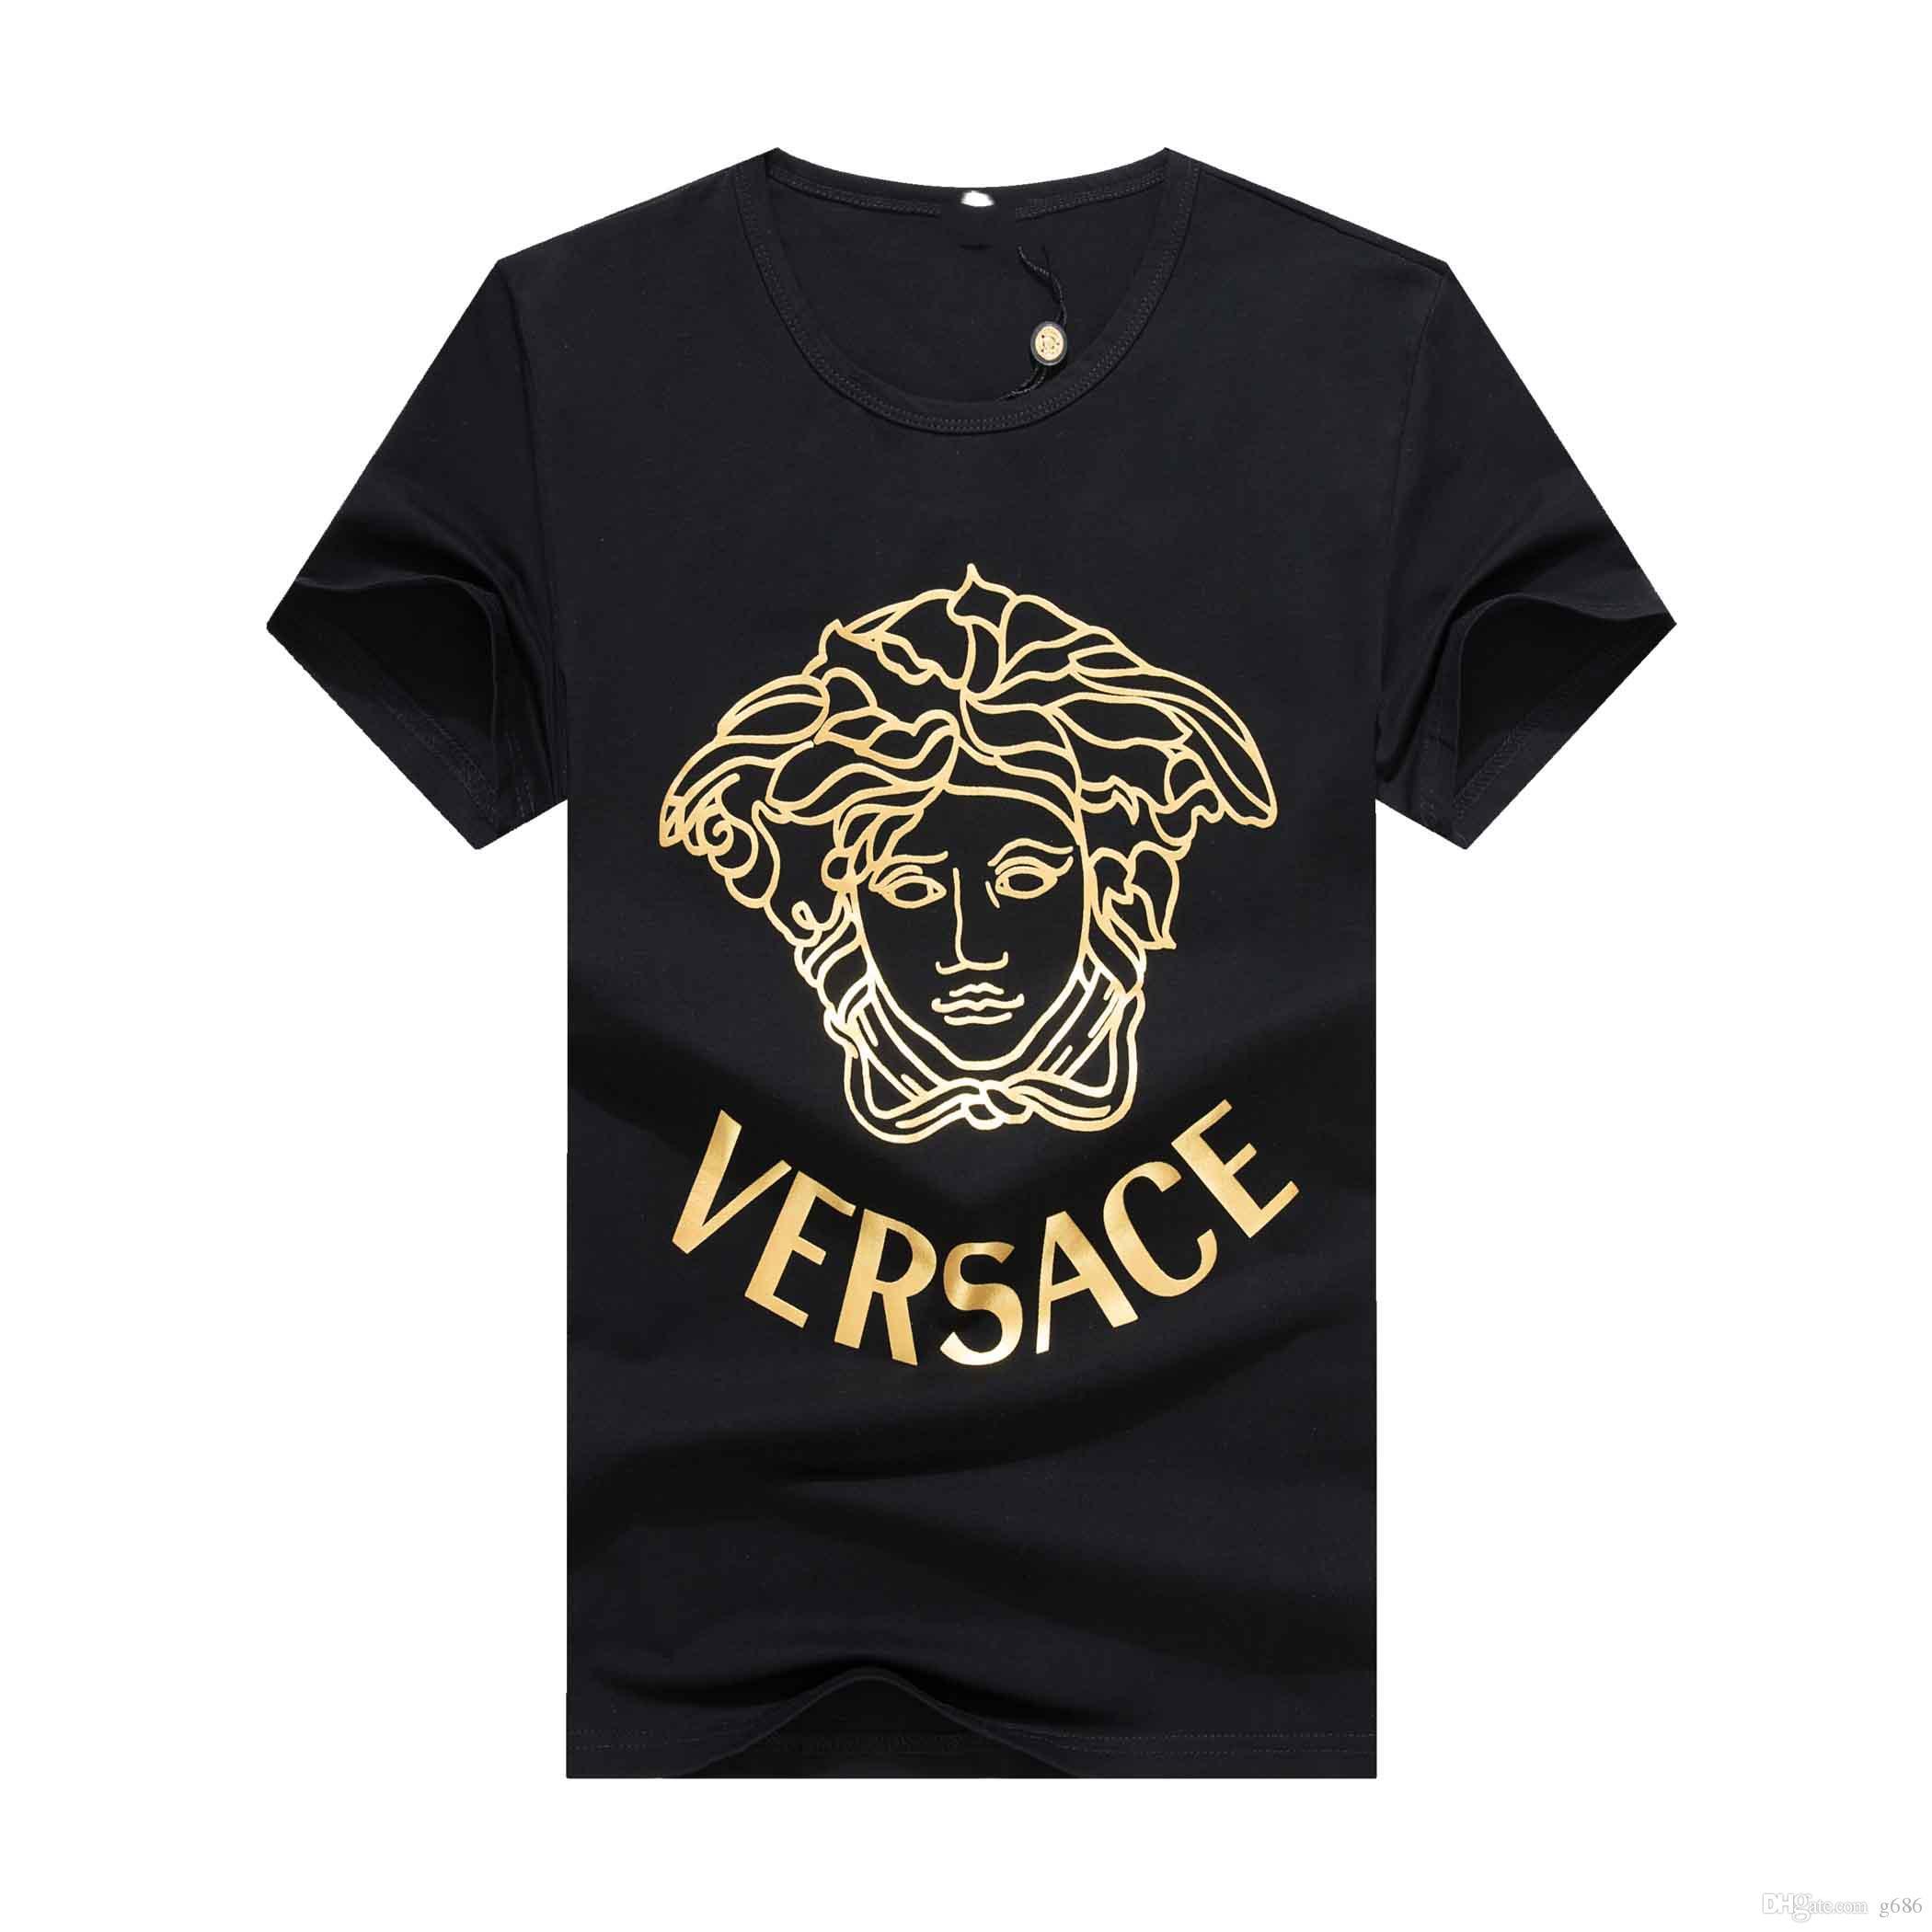 19SS LuxuxMens Designer-T-Shirt Qualitäts-Männer Frauen Paare beiläufige kurze Hülsen-Herren Rundhals-T-Shirts 4 Farben